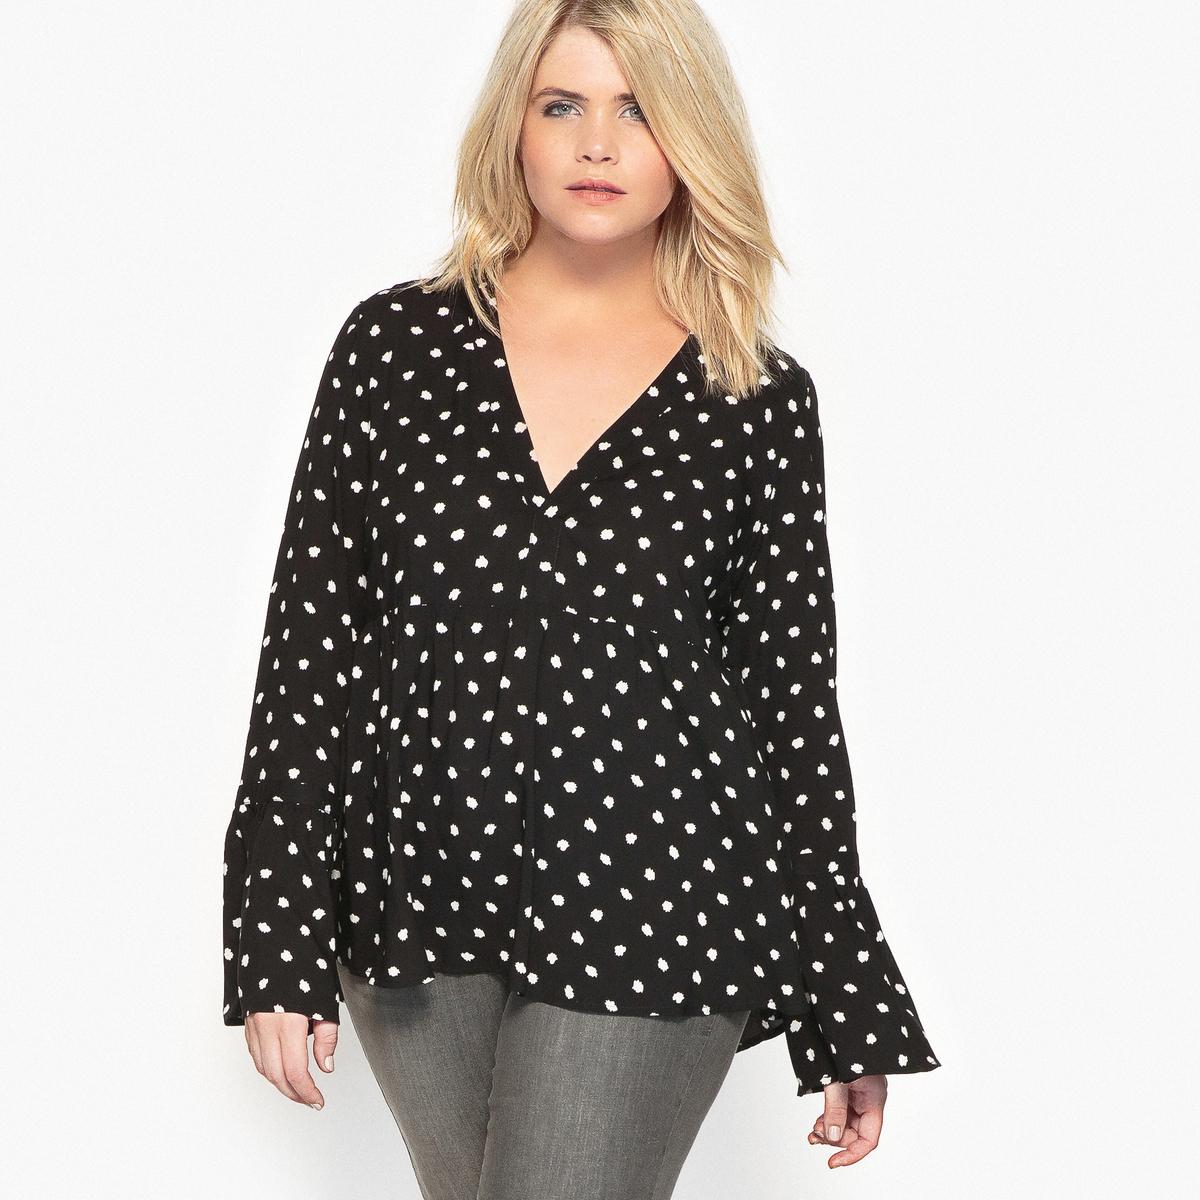 Блузка с рисунком и длинными расклешенными рукавами блузка с рисунком с длинными рукавами